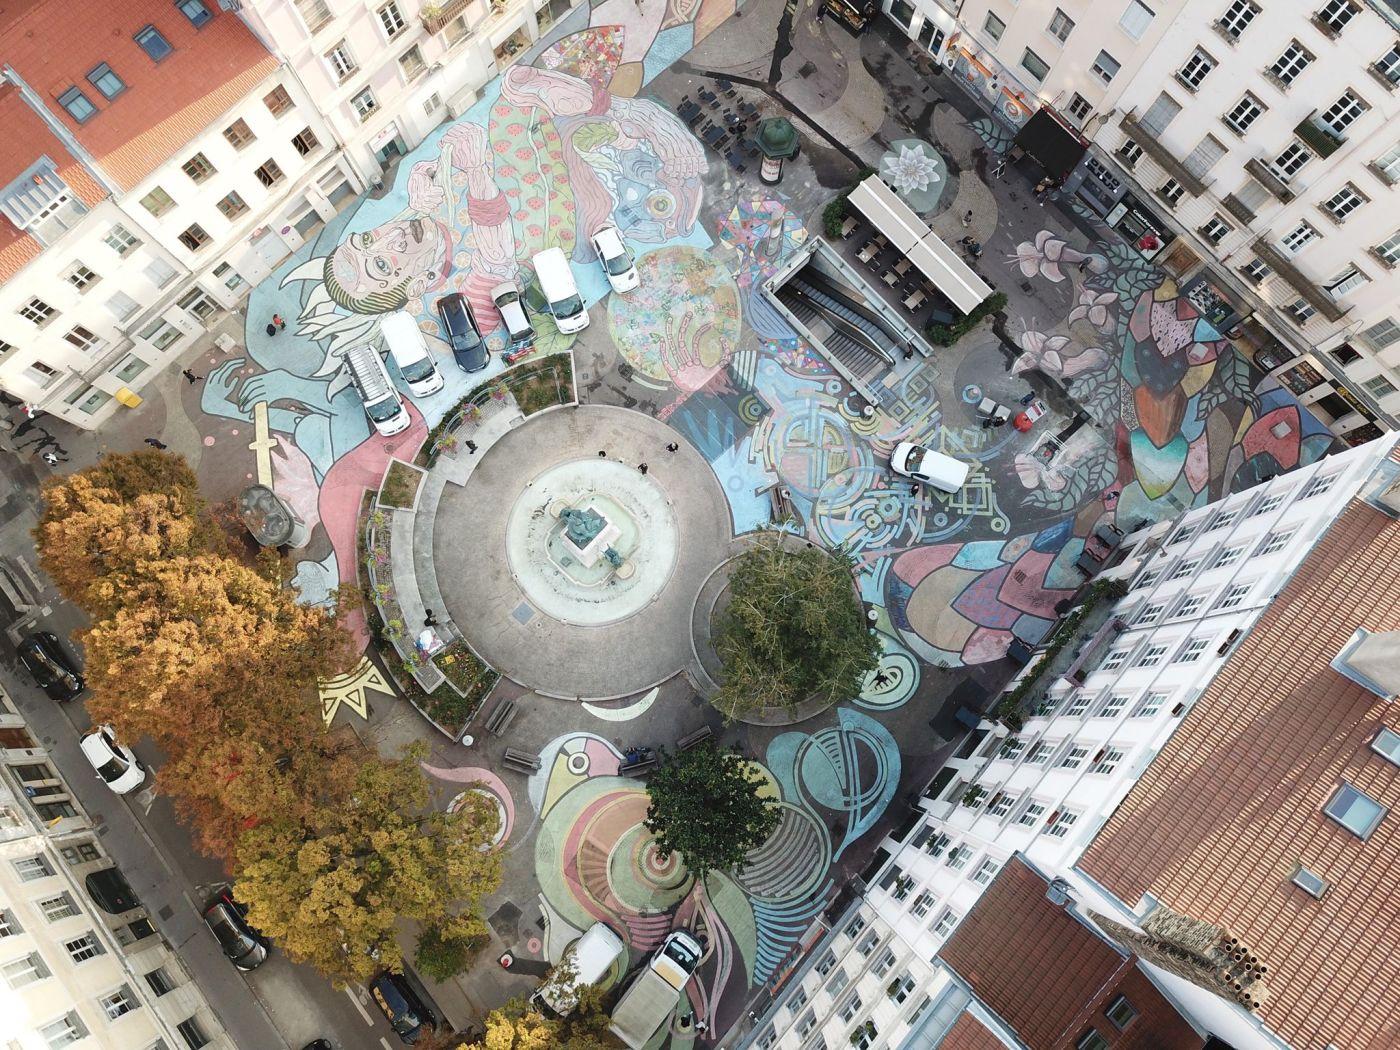 La Fresque rue Victor Hugo en images